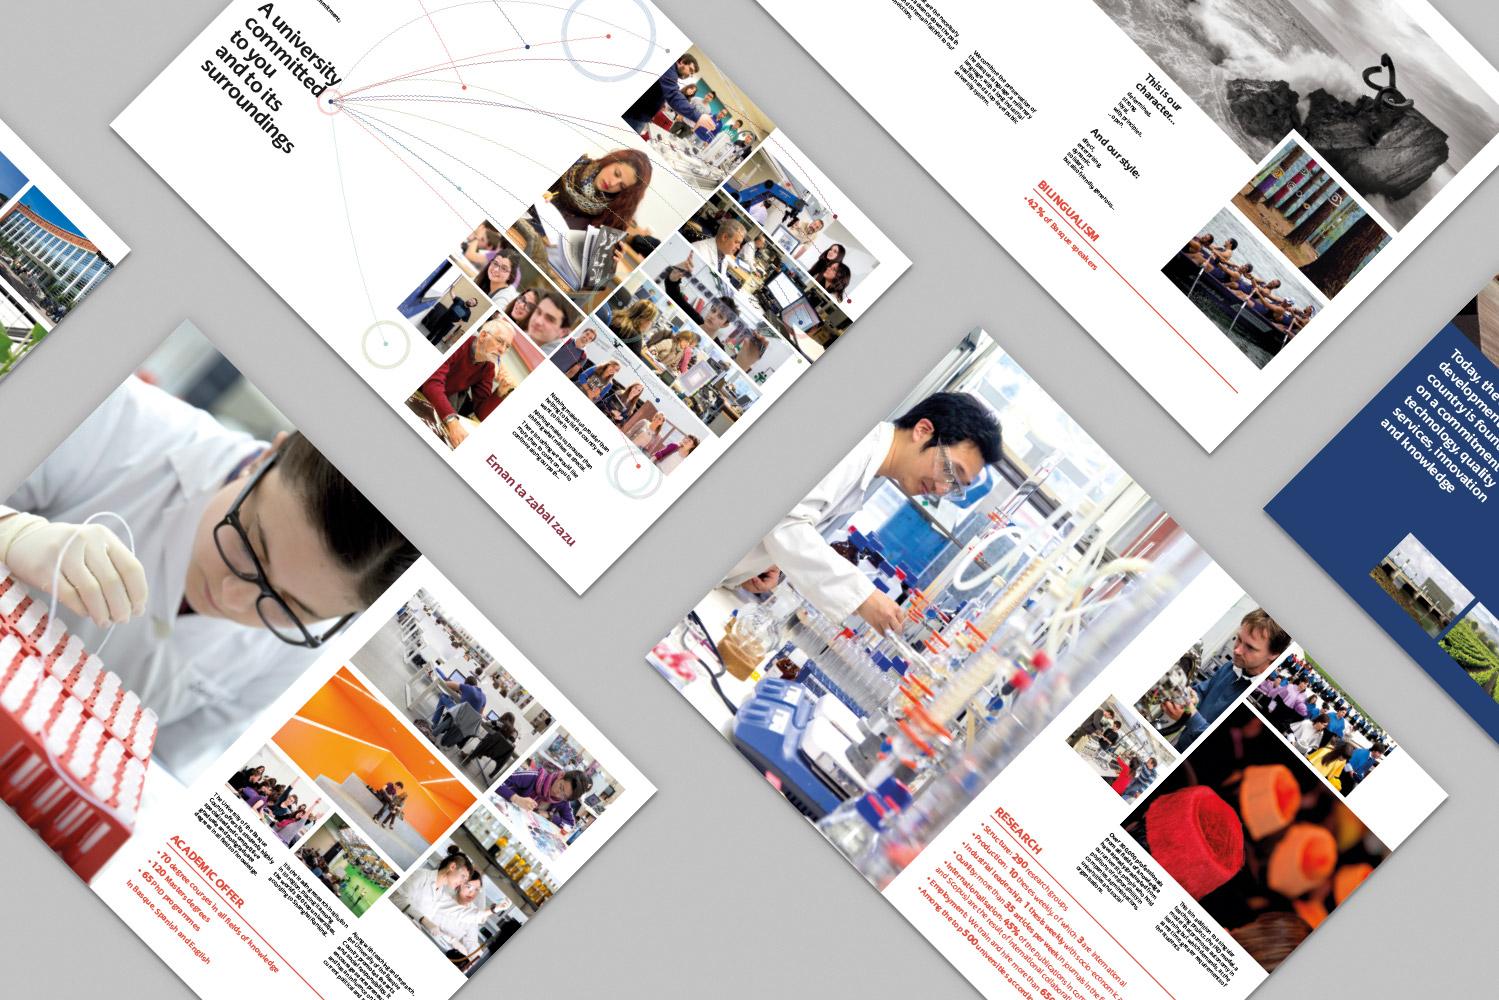 Catálogo corporativo diseñado por Ouidesign